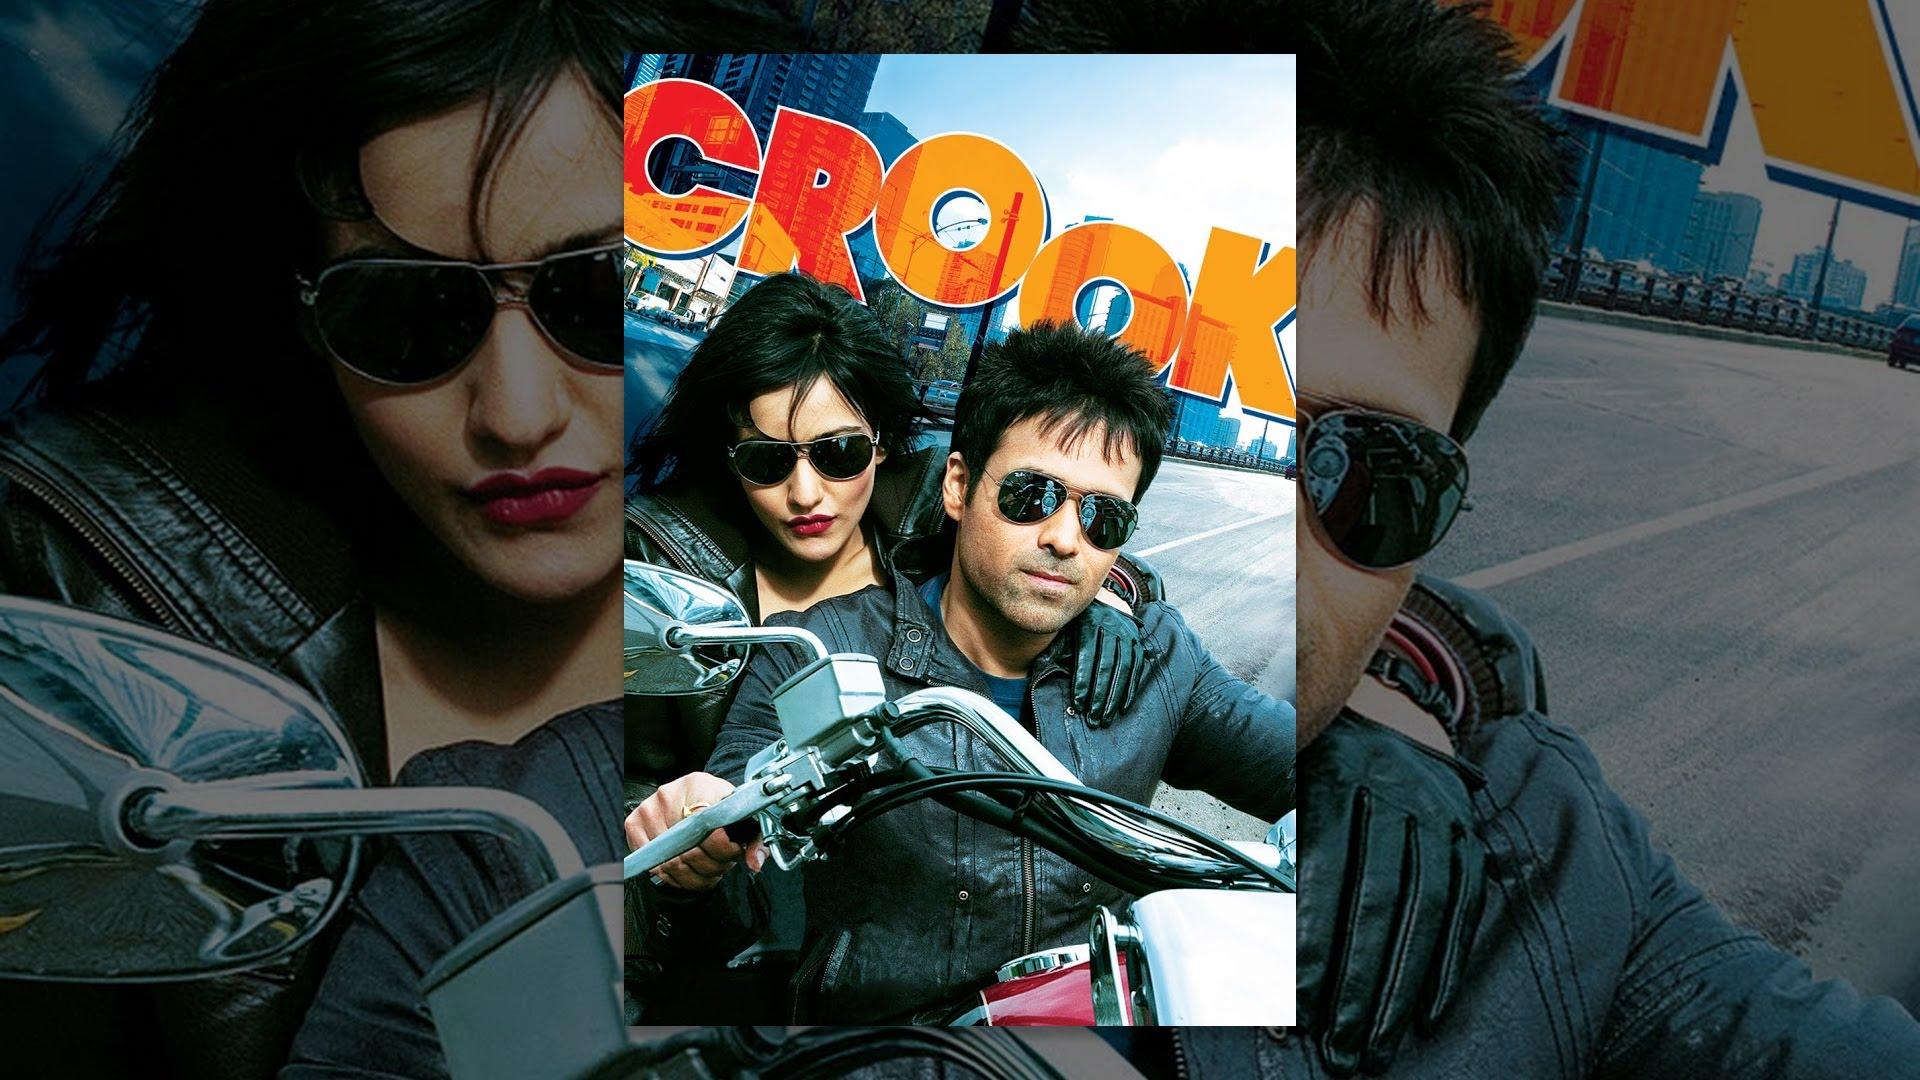 Download Crook